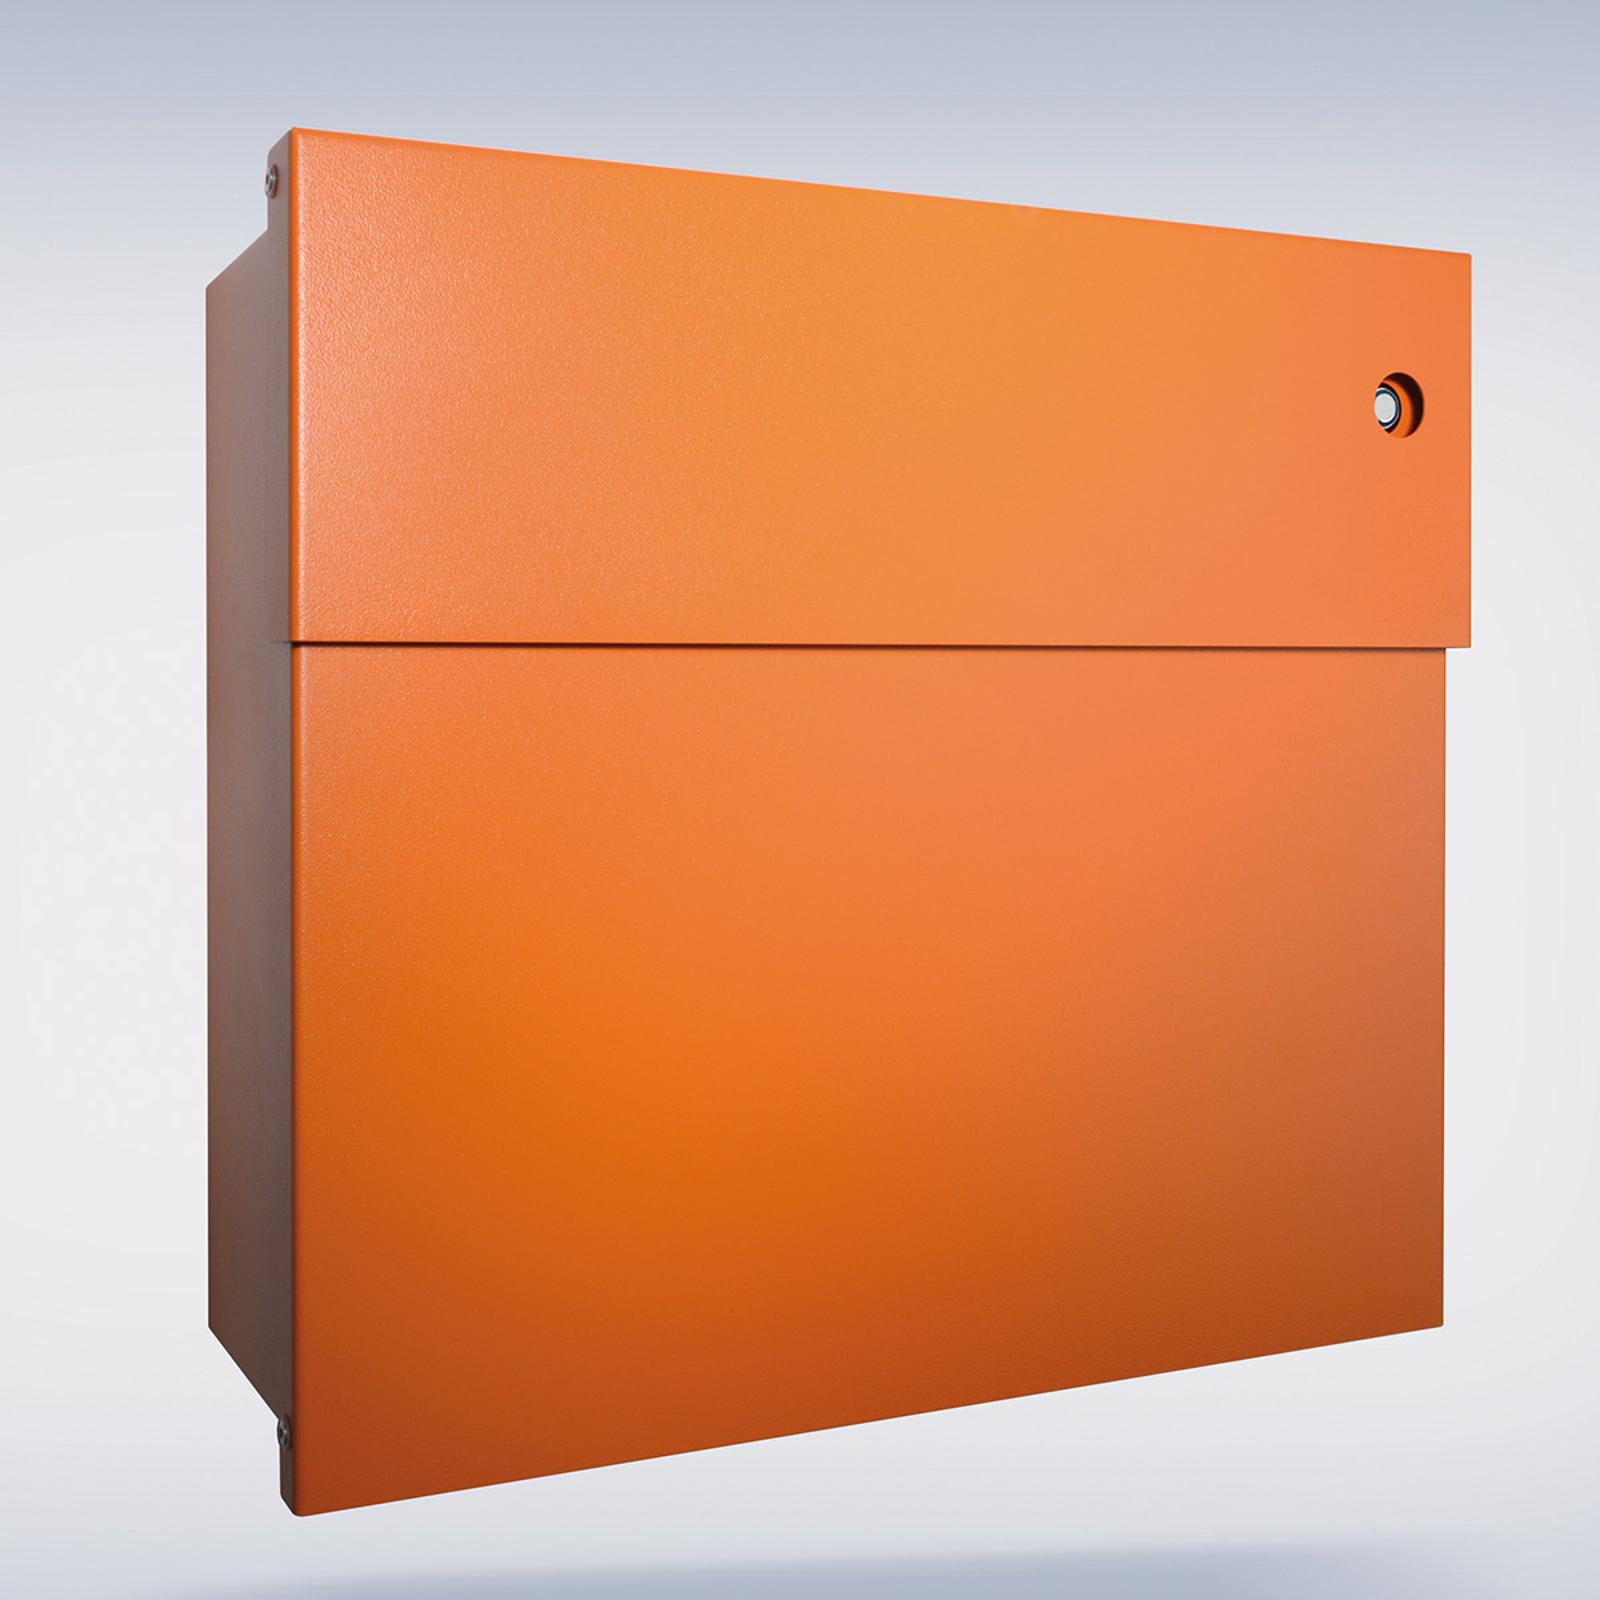 Cassetta postale Letterman IV, campanello, arancio